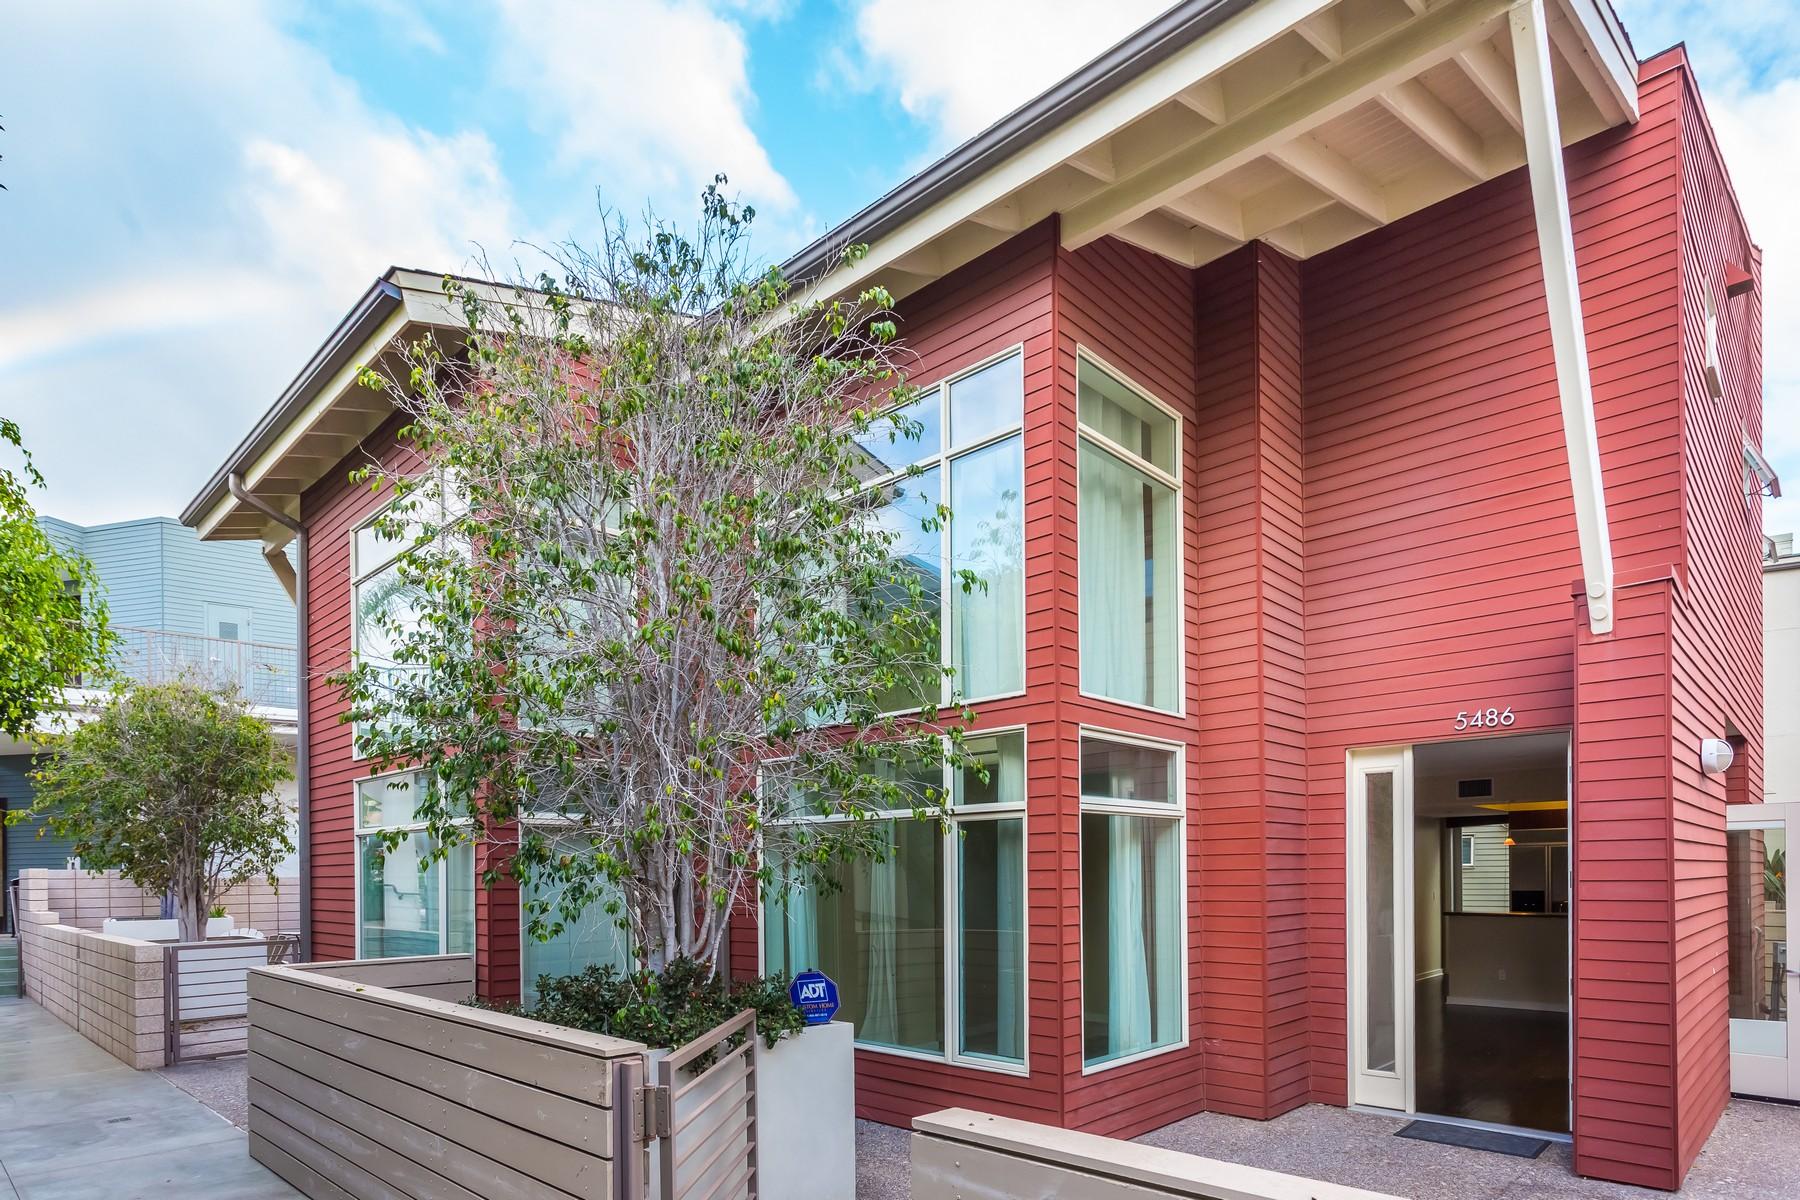 Maison unifamiliale pour l Vente à 5486 La Jolla Blvd 5486 La Jolla Blvd L-102 La Jolla, Californie 92037 États-Unis